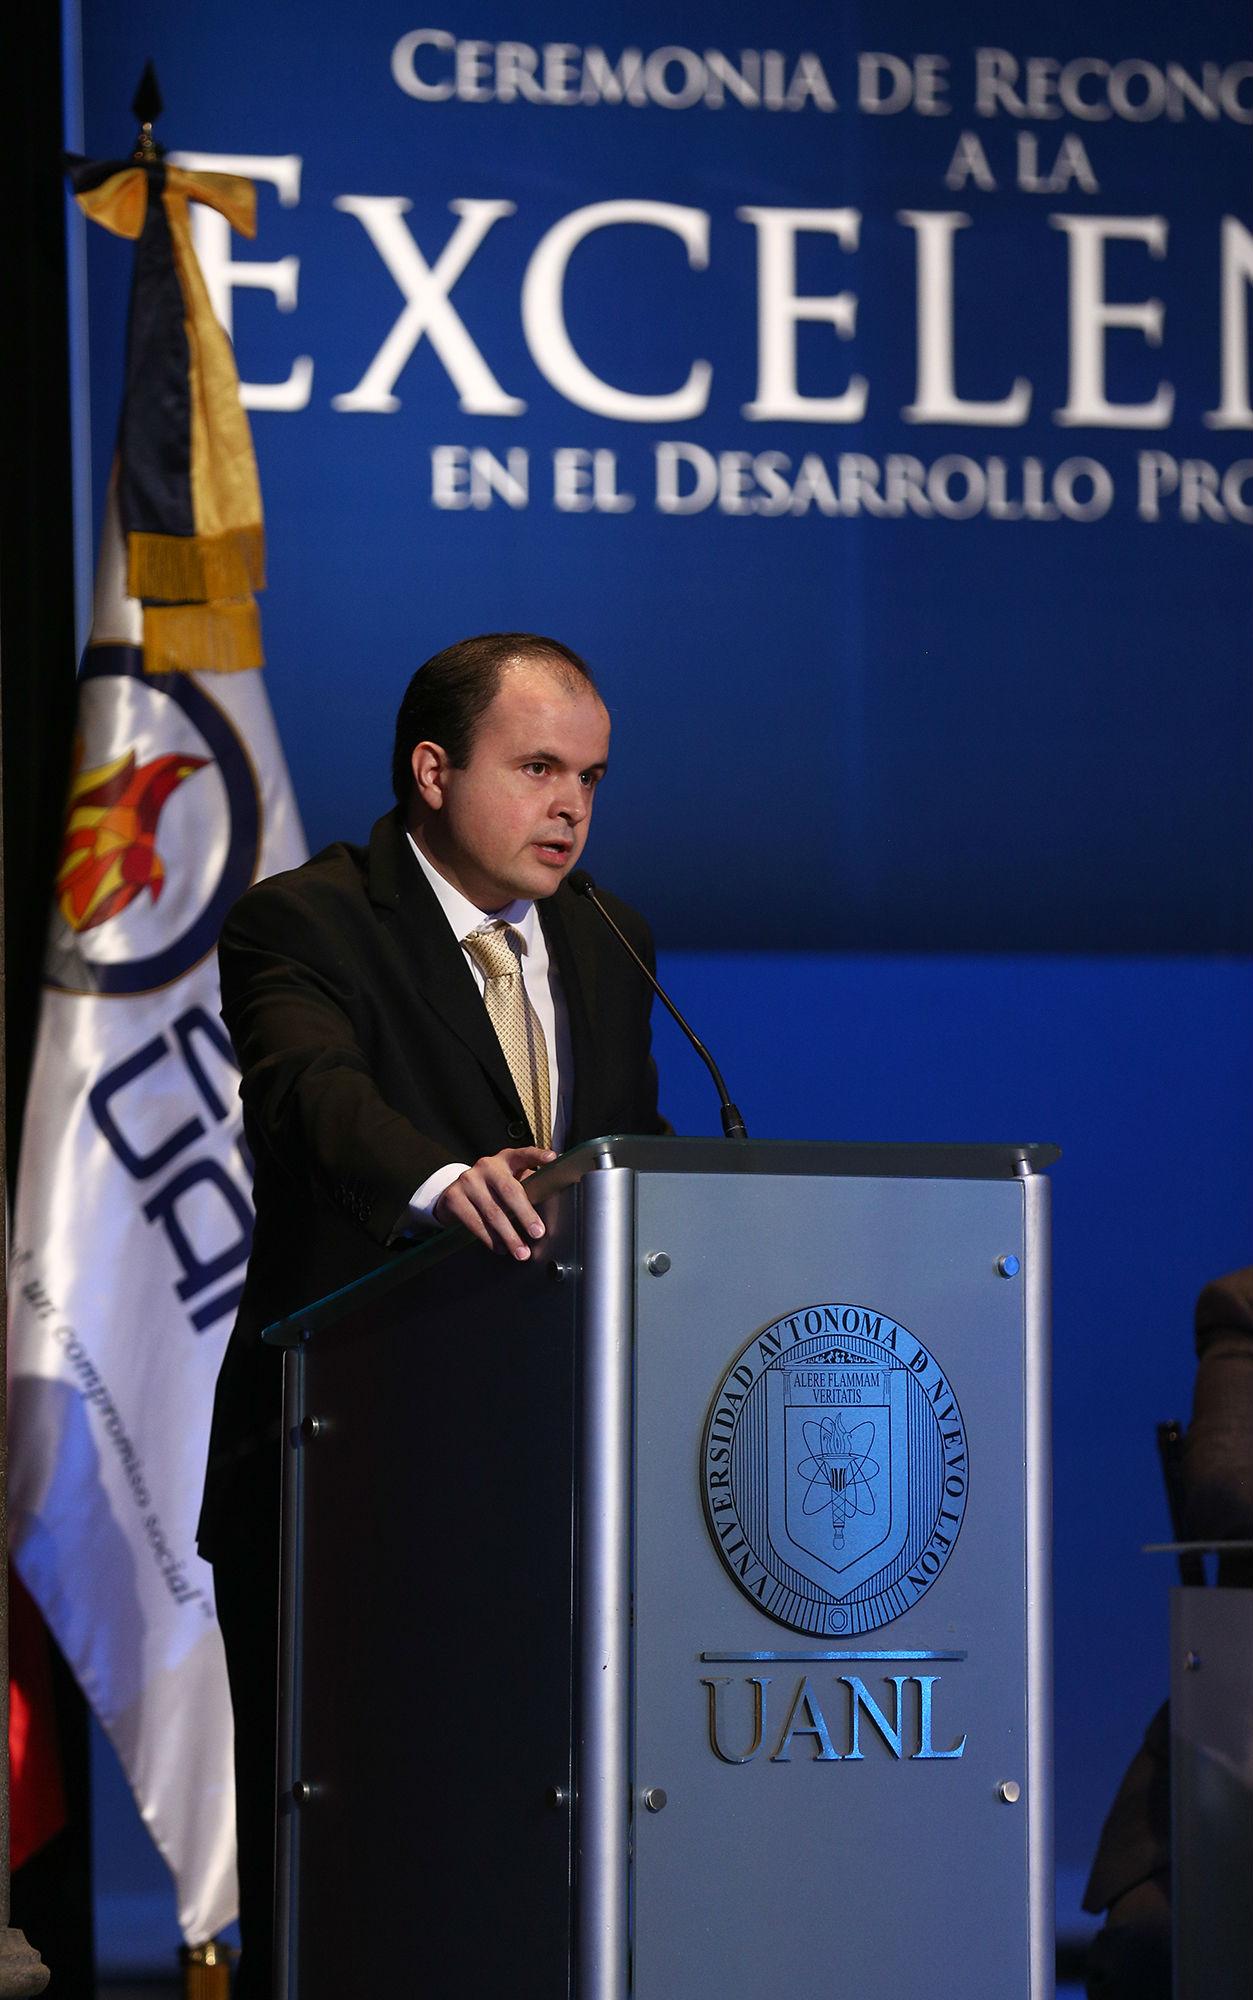 Edmundo Guajardo Garza, Secretario de Educación